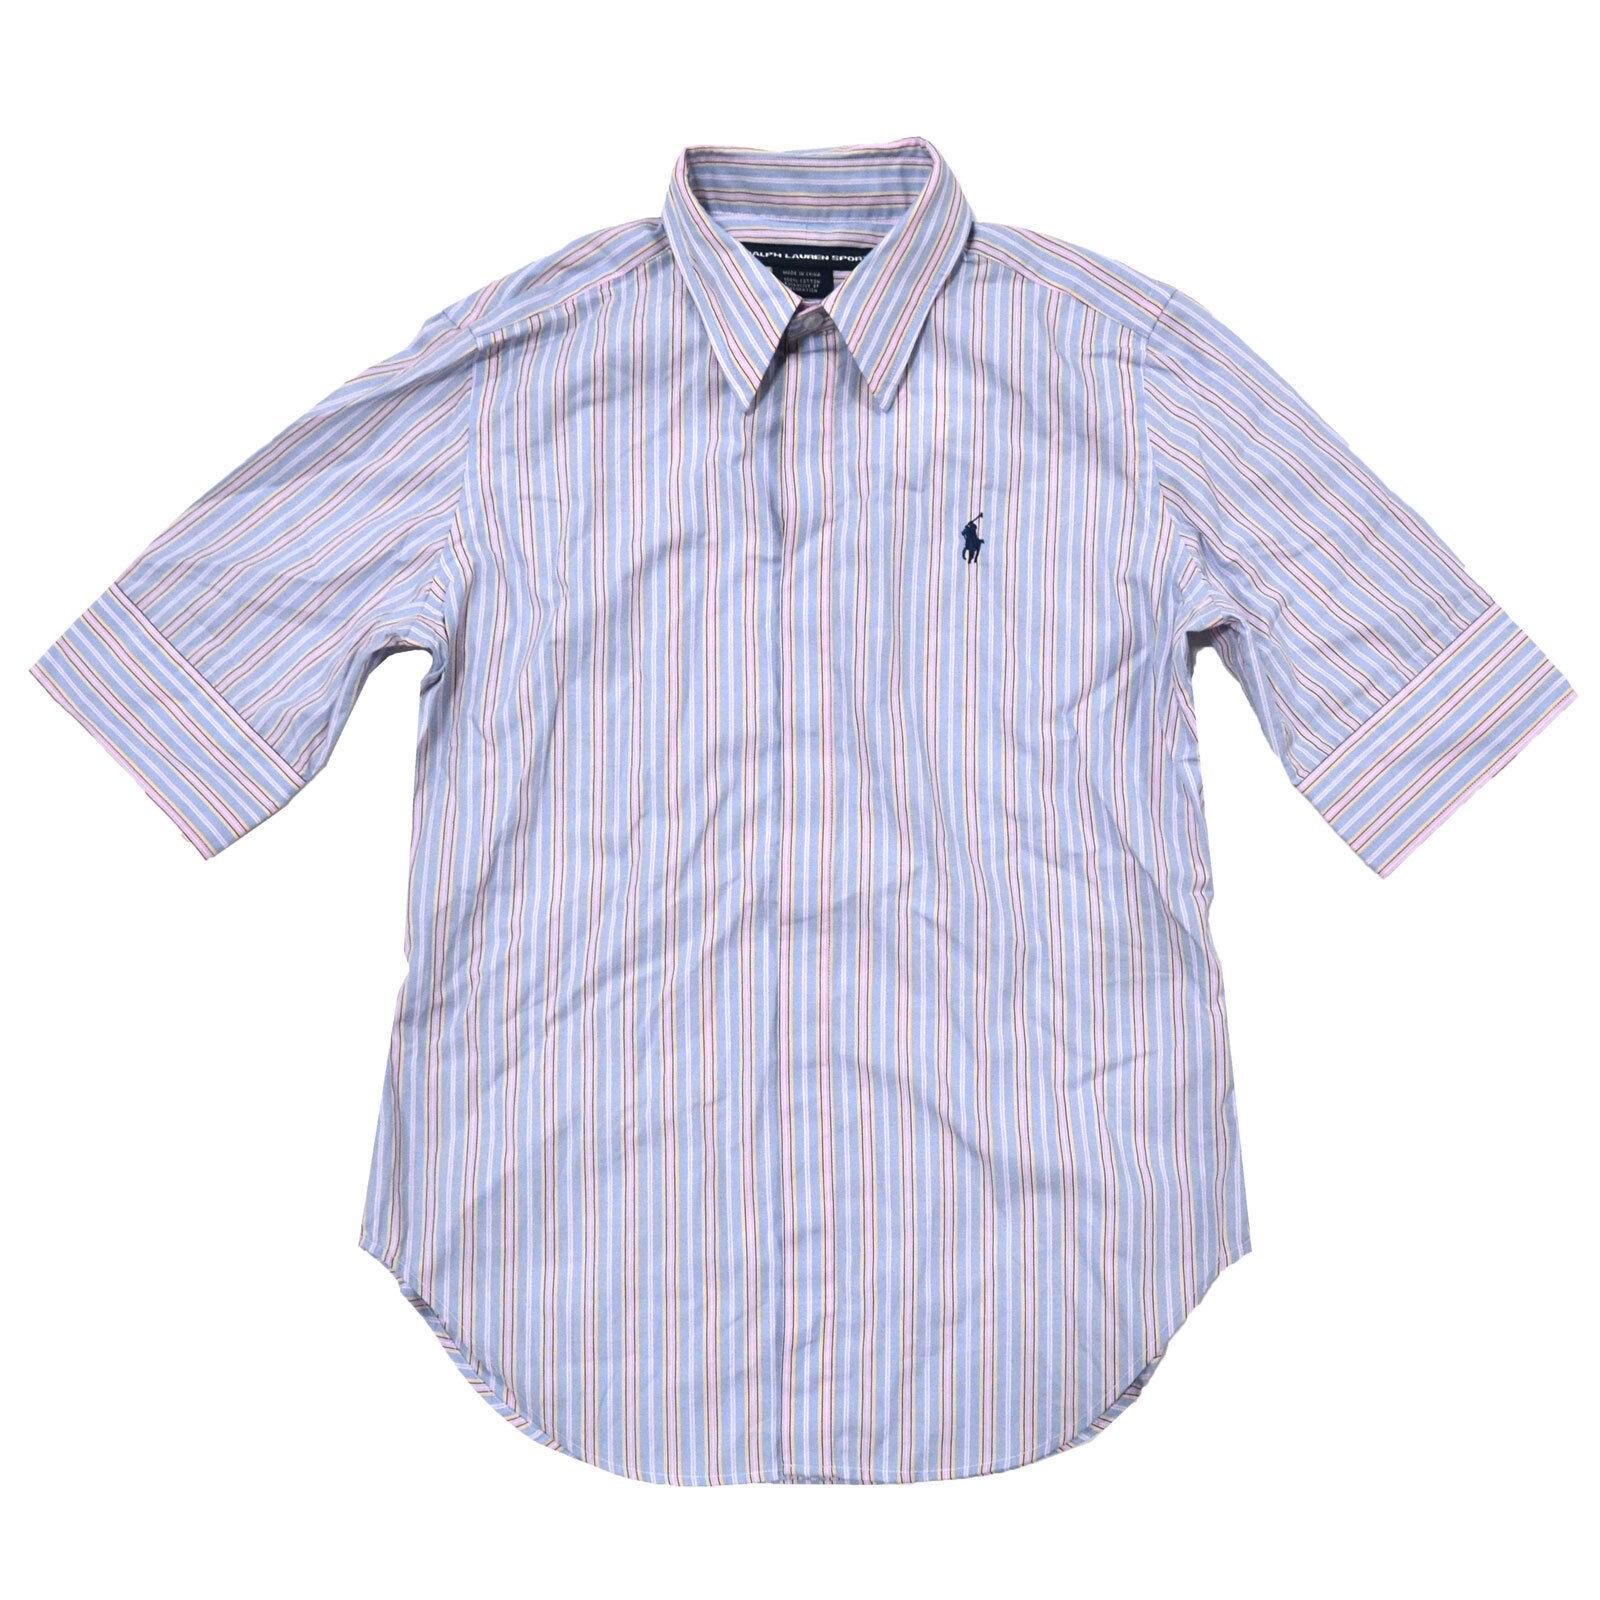 370e57ba7 Ralph Lauren Slim Fit Polo Shirt Ebay